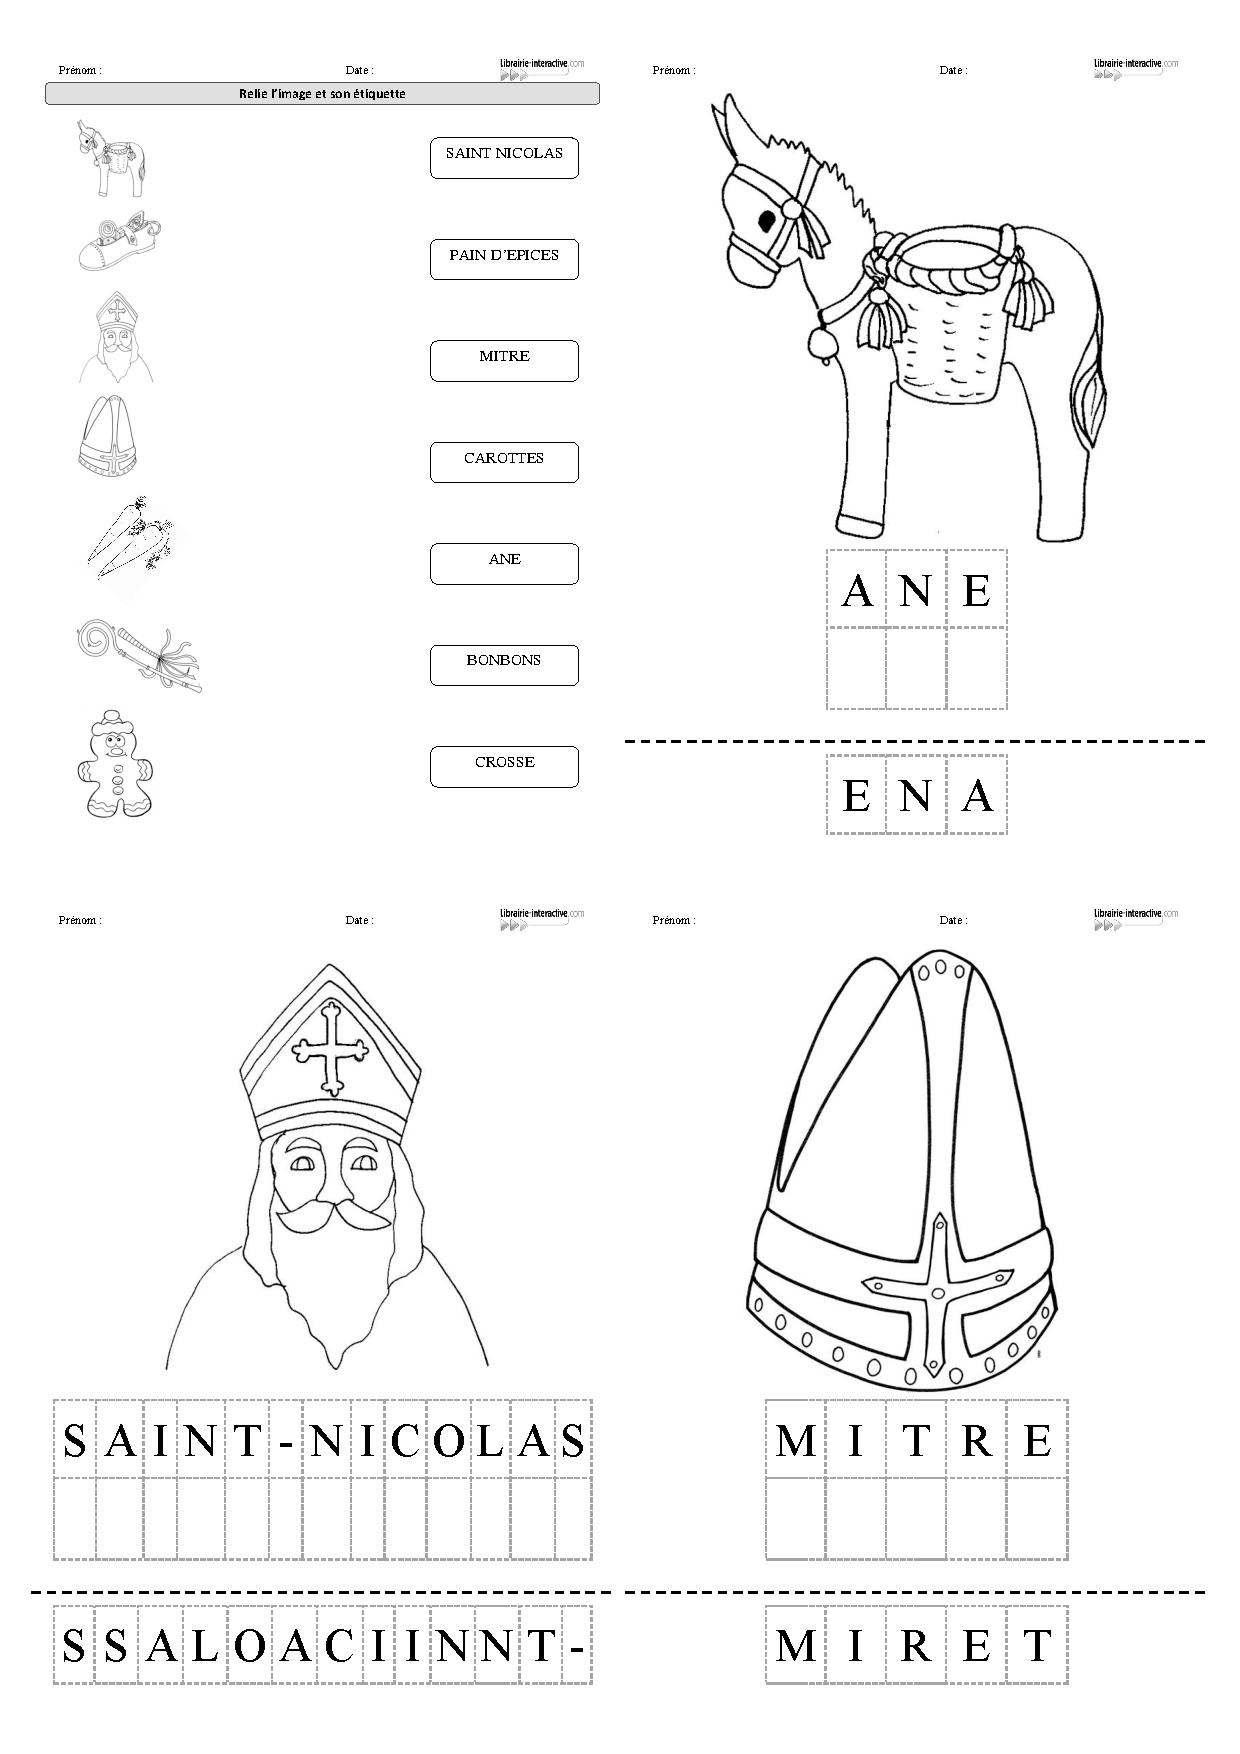 Frais Image à Colorier Saint Nicolas